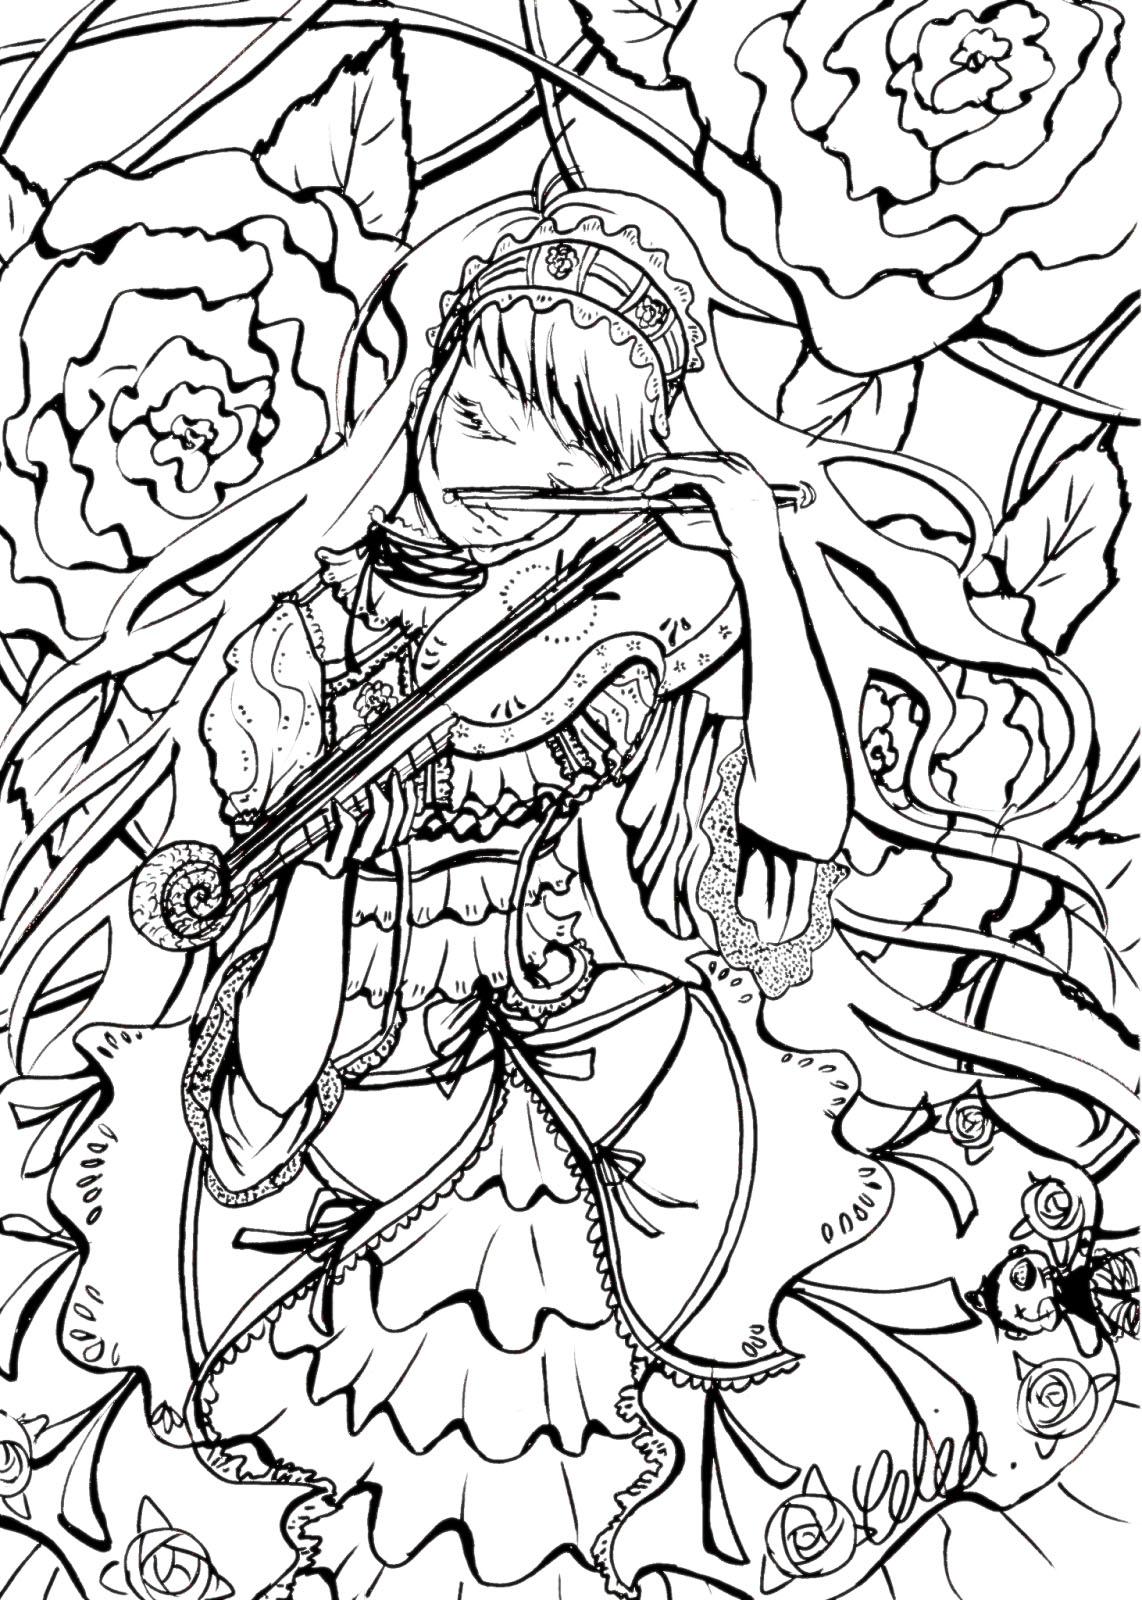 Coloriage Complexe Pour Adulte A Imprimer De Manga